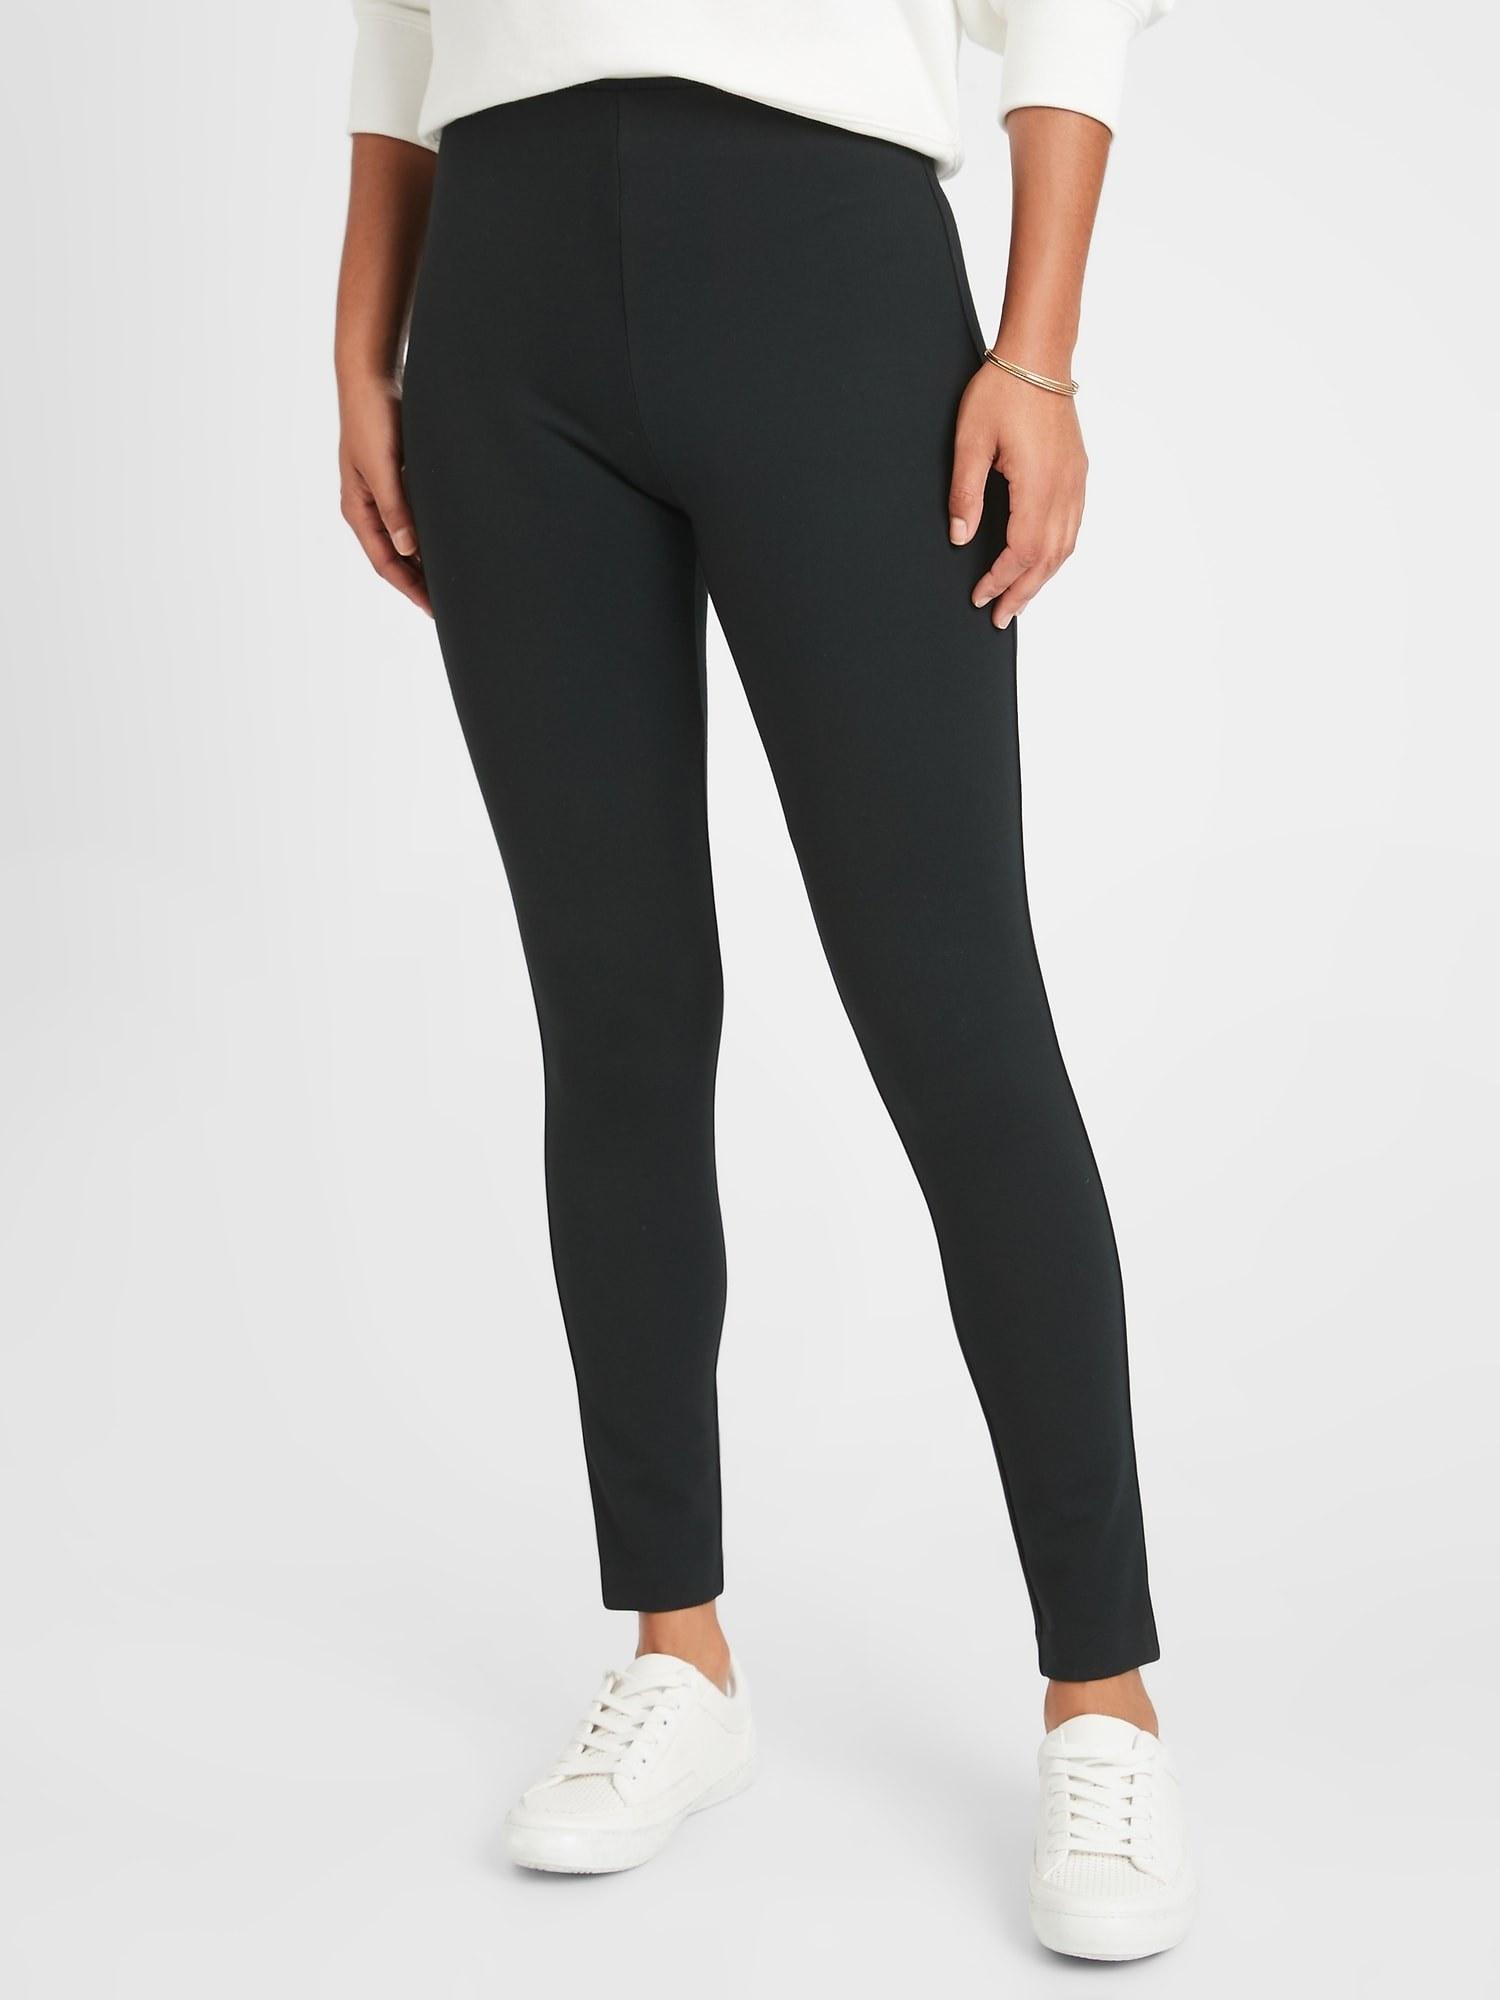 Model in the black high-rise leggings